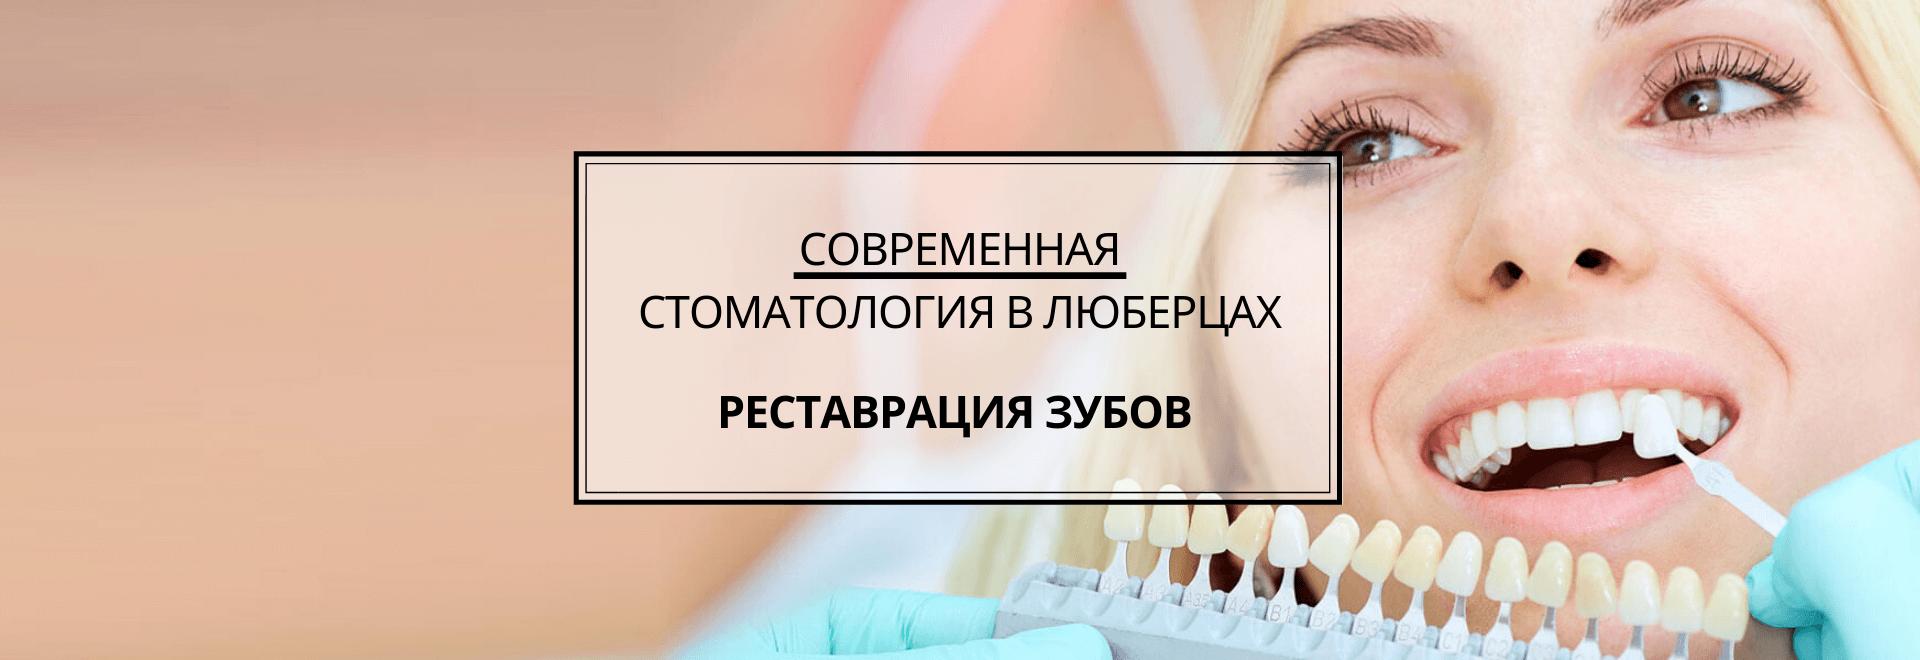 Слайд лечения зубов 32 зуба